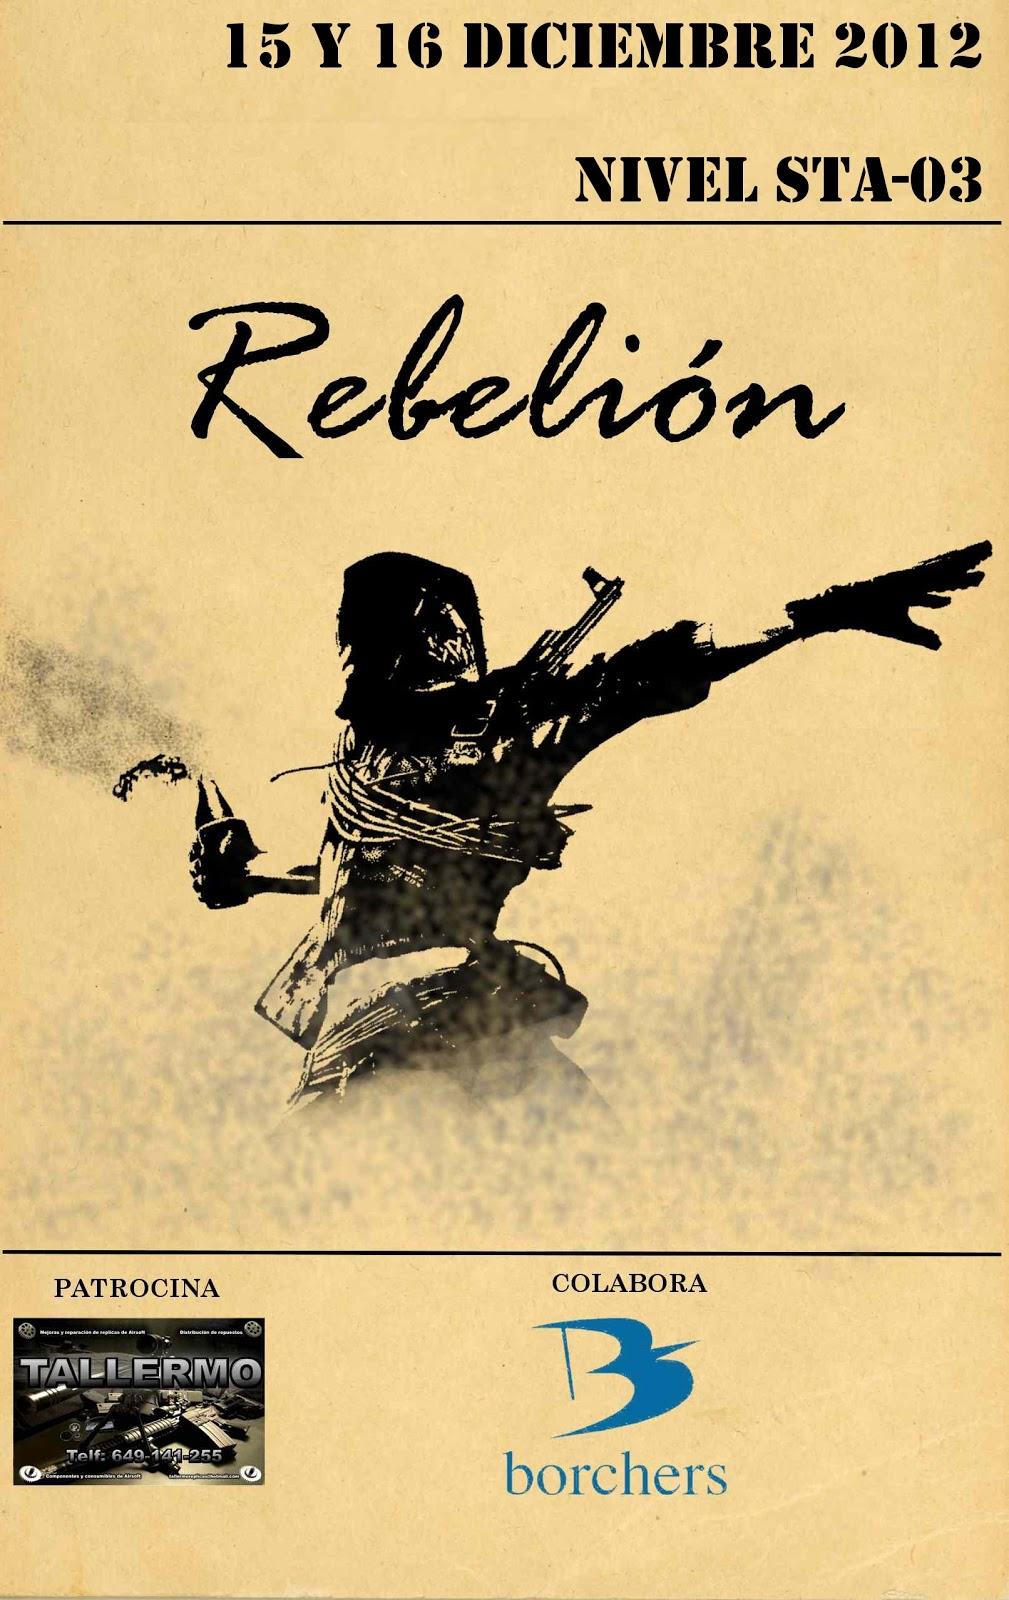 Re: REBELIÓN...15/16 DICIEMBRE 2012 Rebelion